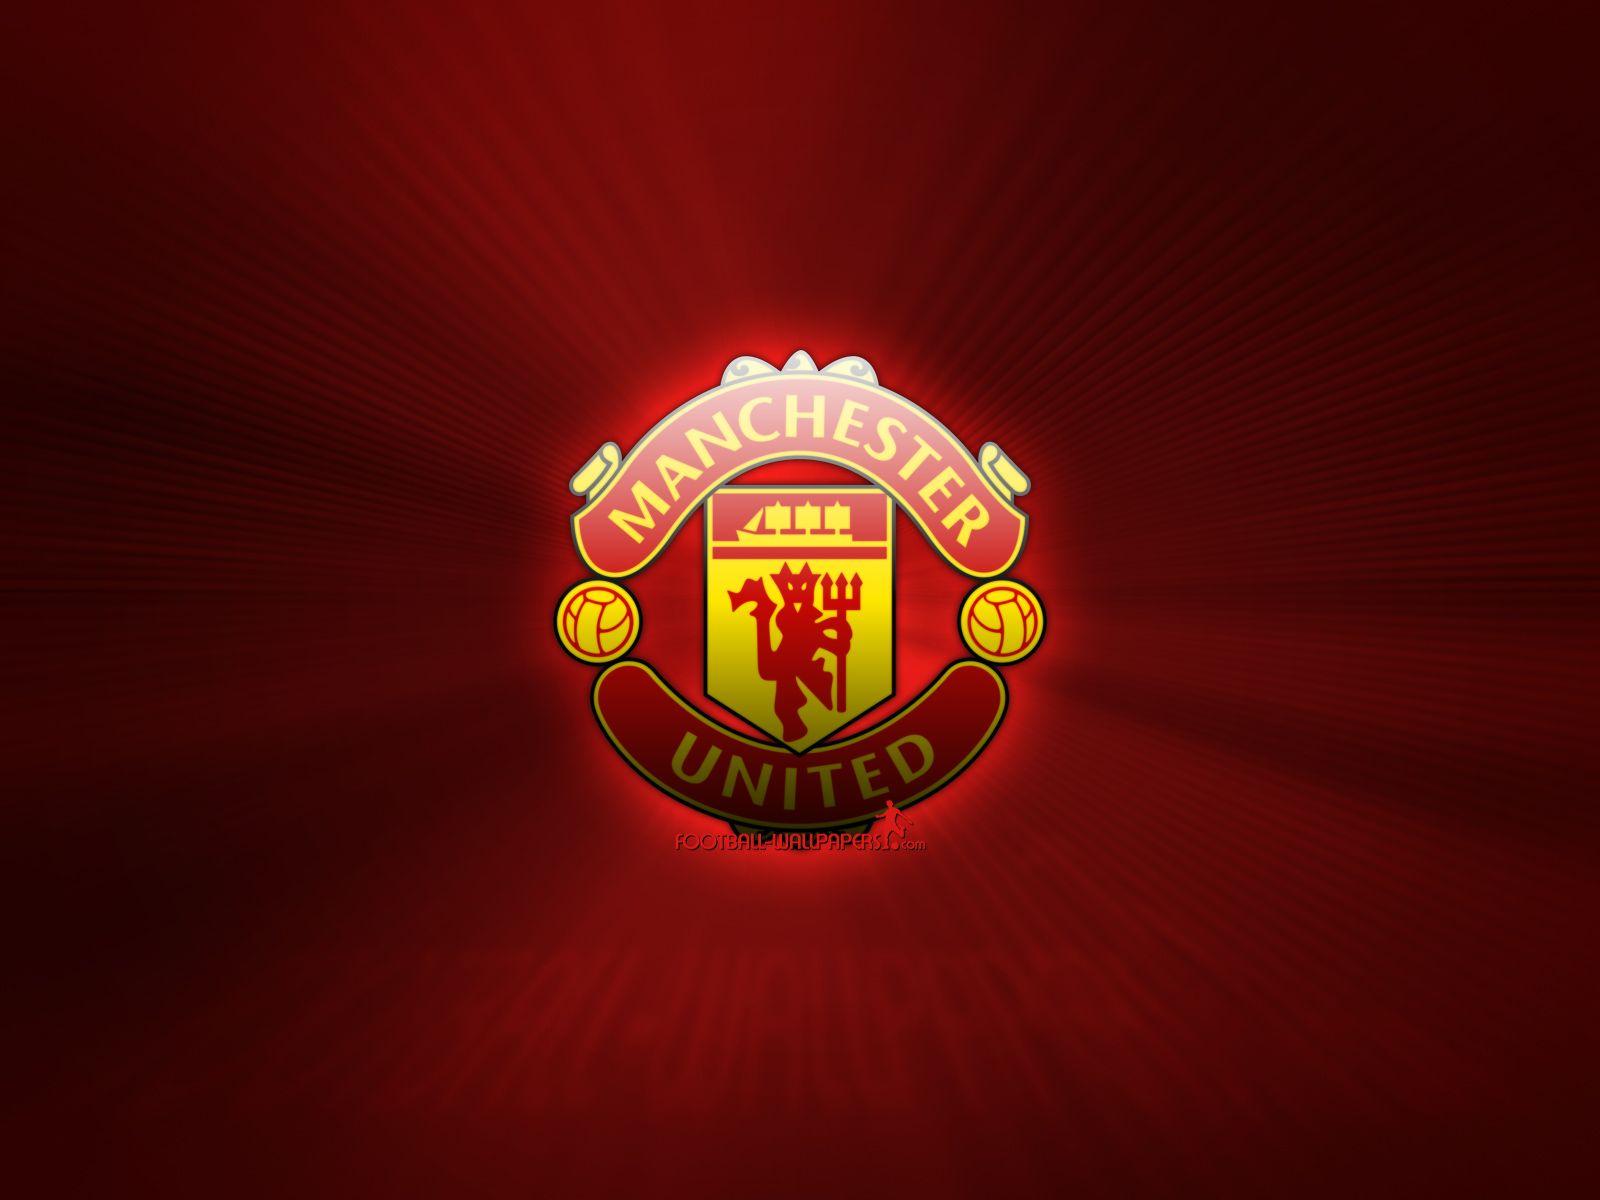 manchester united logo cake http